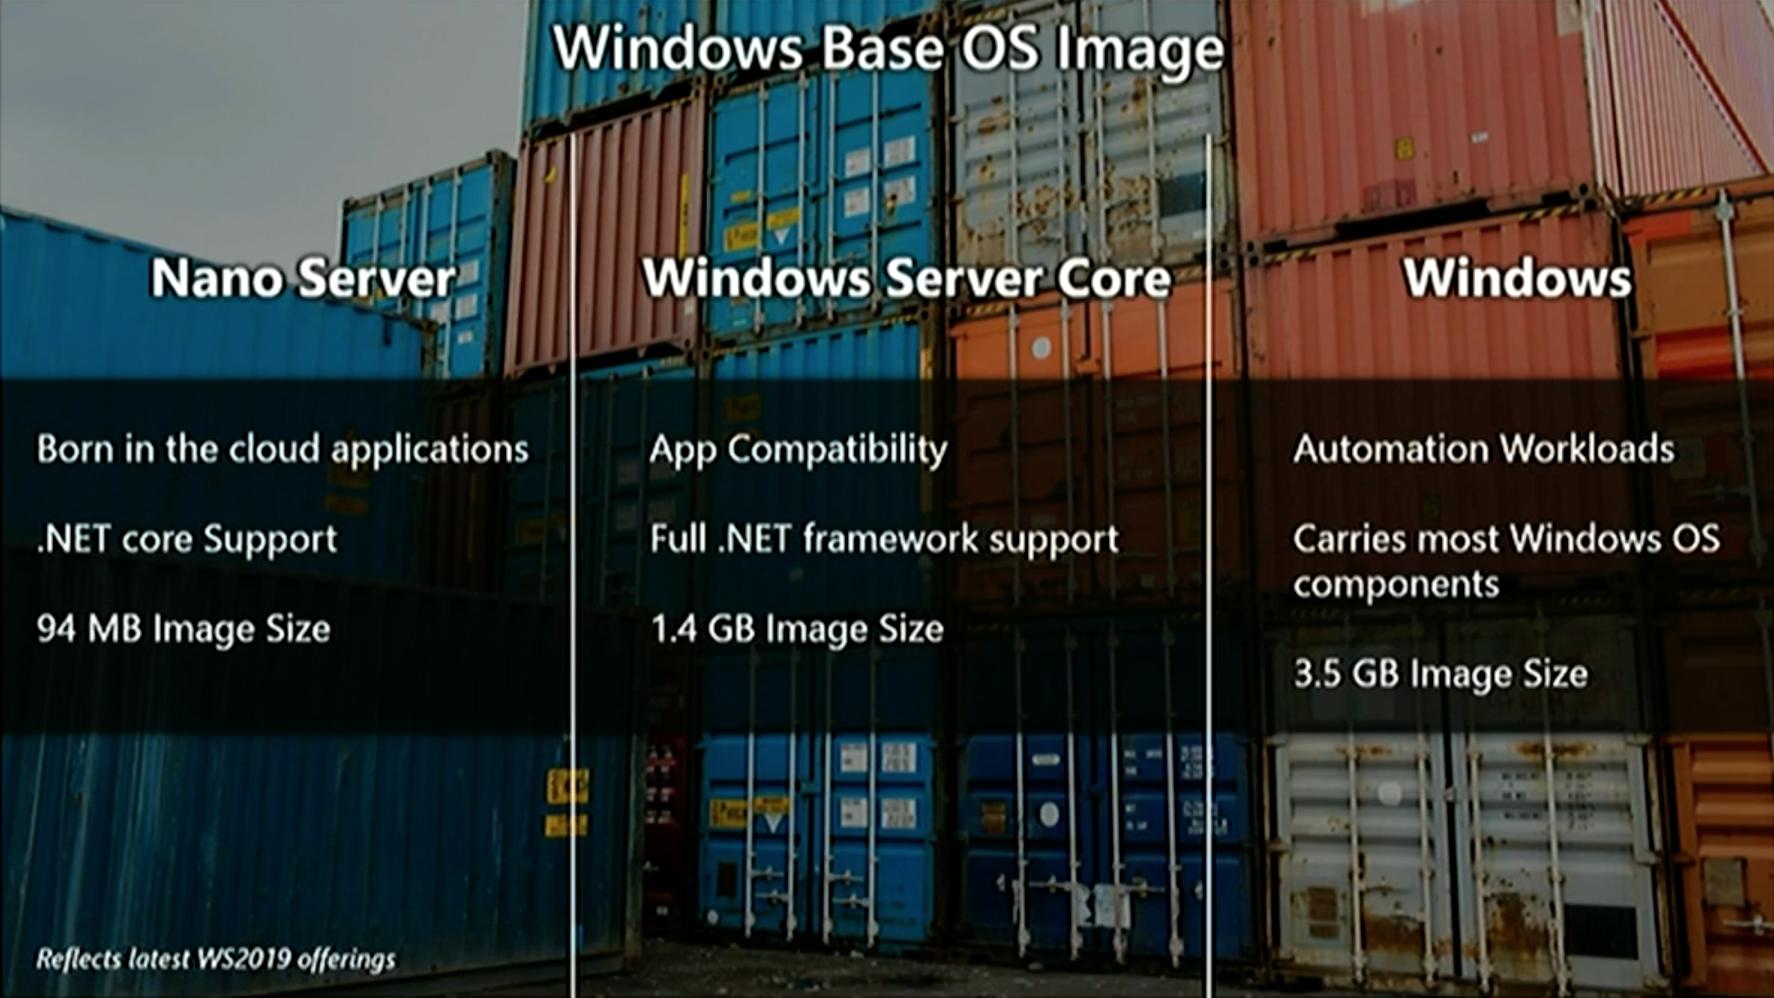 Three Windows base OS images